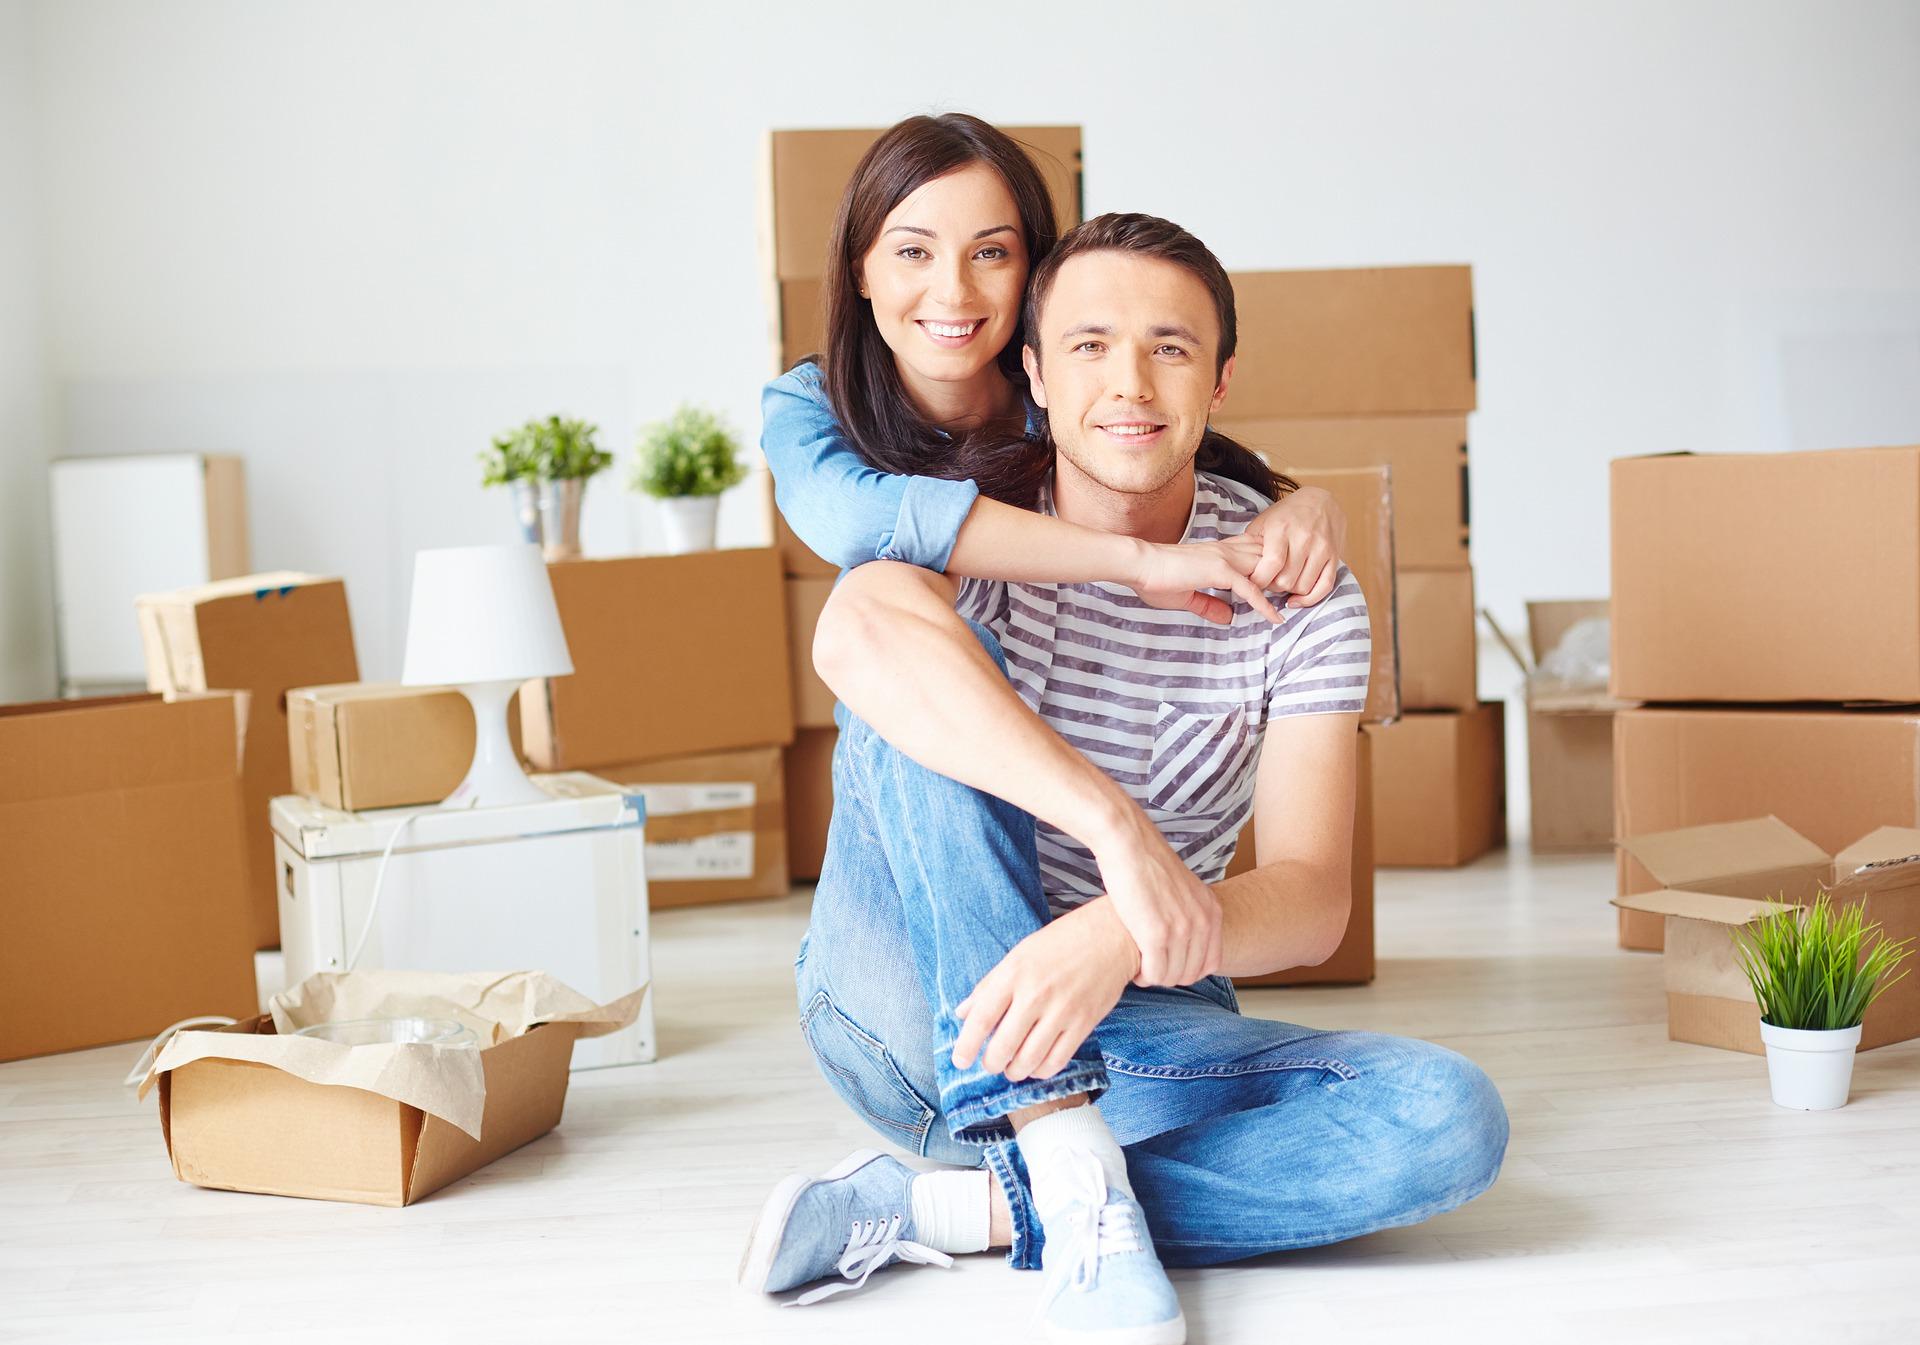 Espacios de la casa cuando se vive en pareja